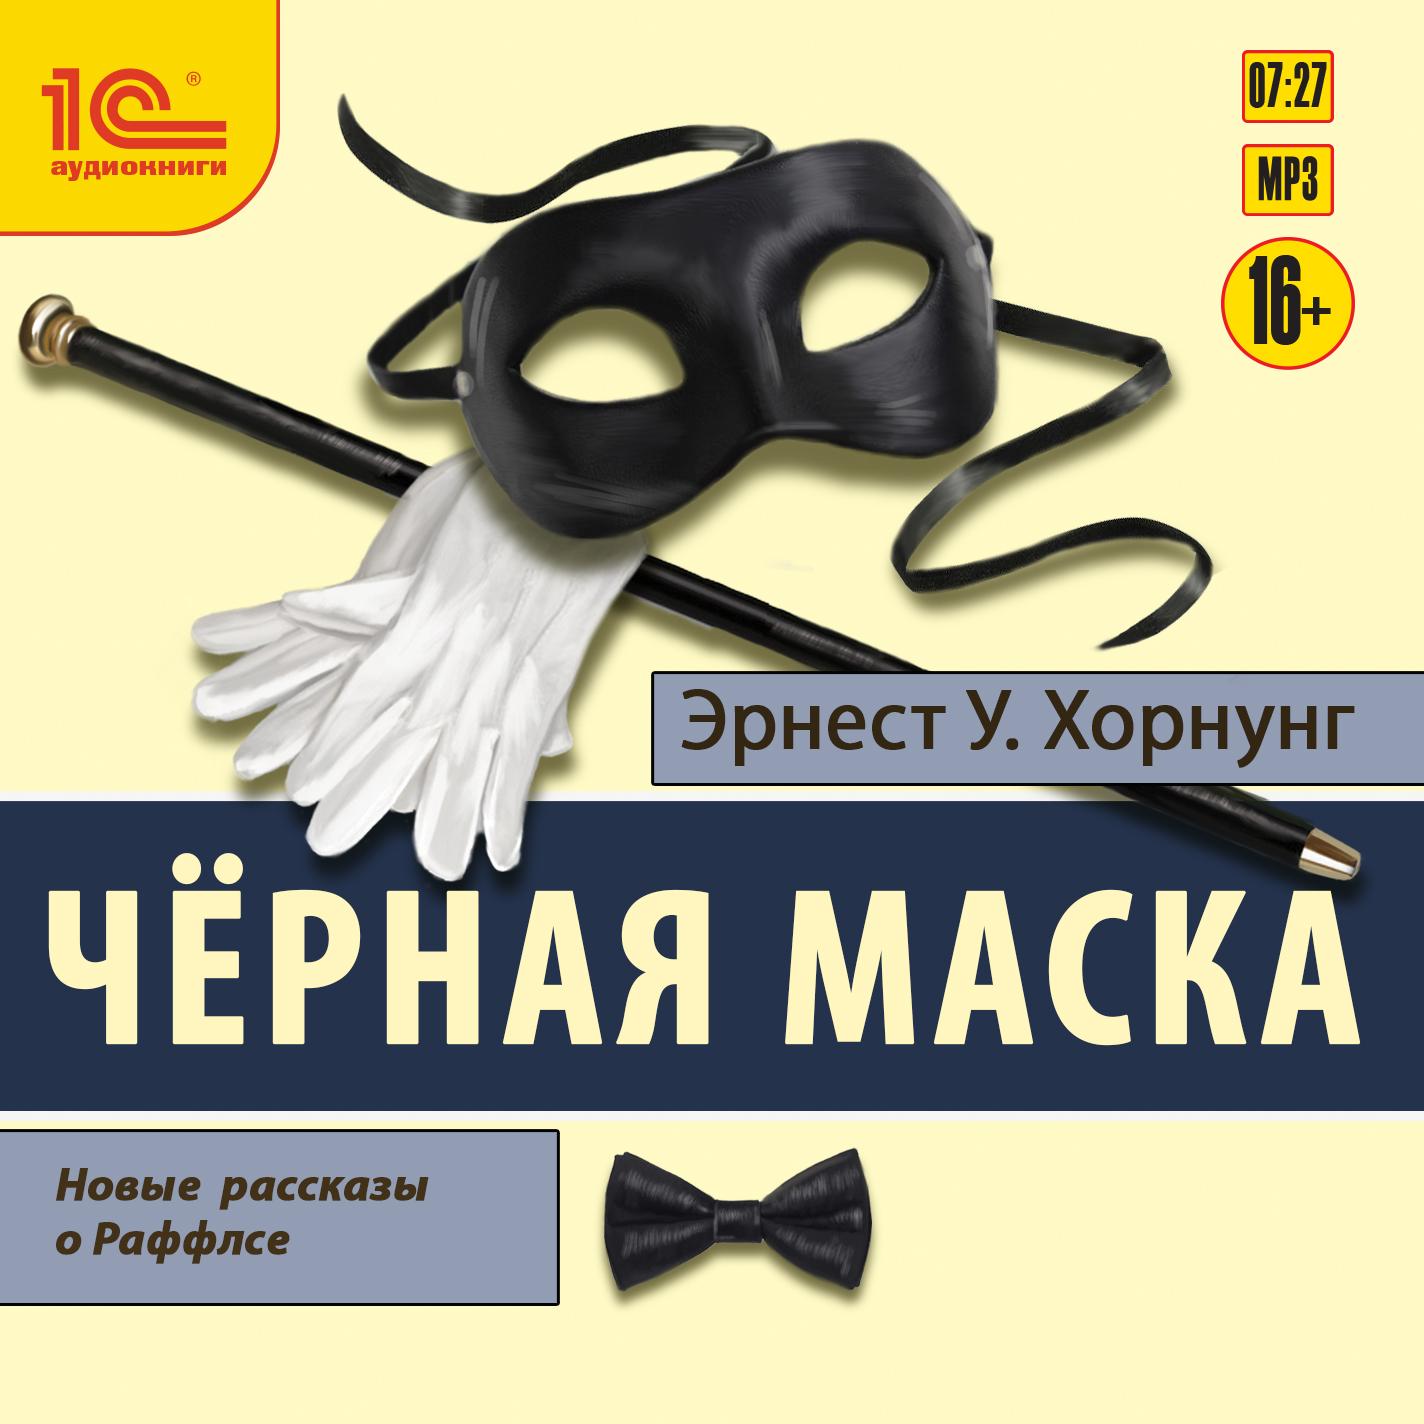 Черная маска: Избранные рассказы о Раффлсе (цифровая версия) (Цифровая версия) фото